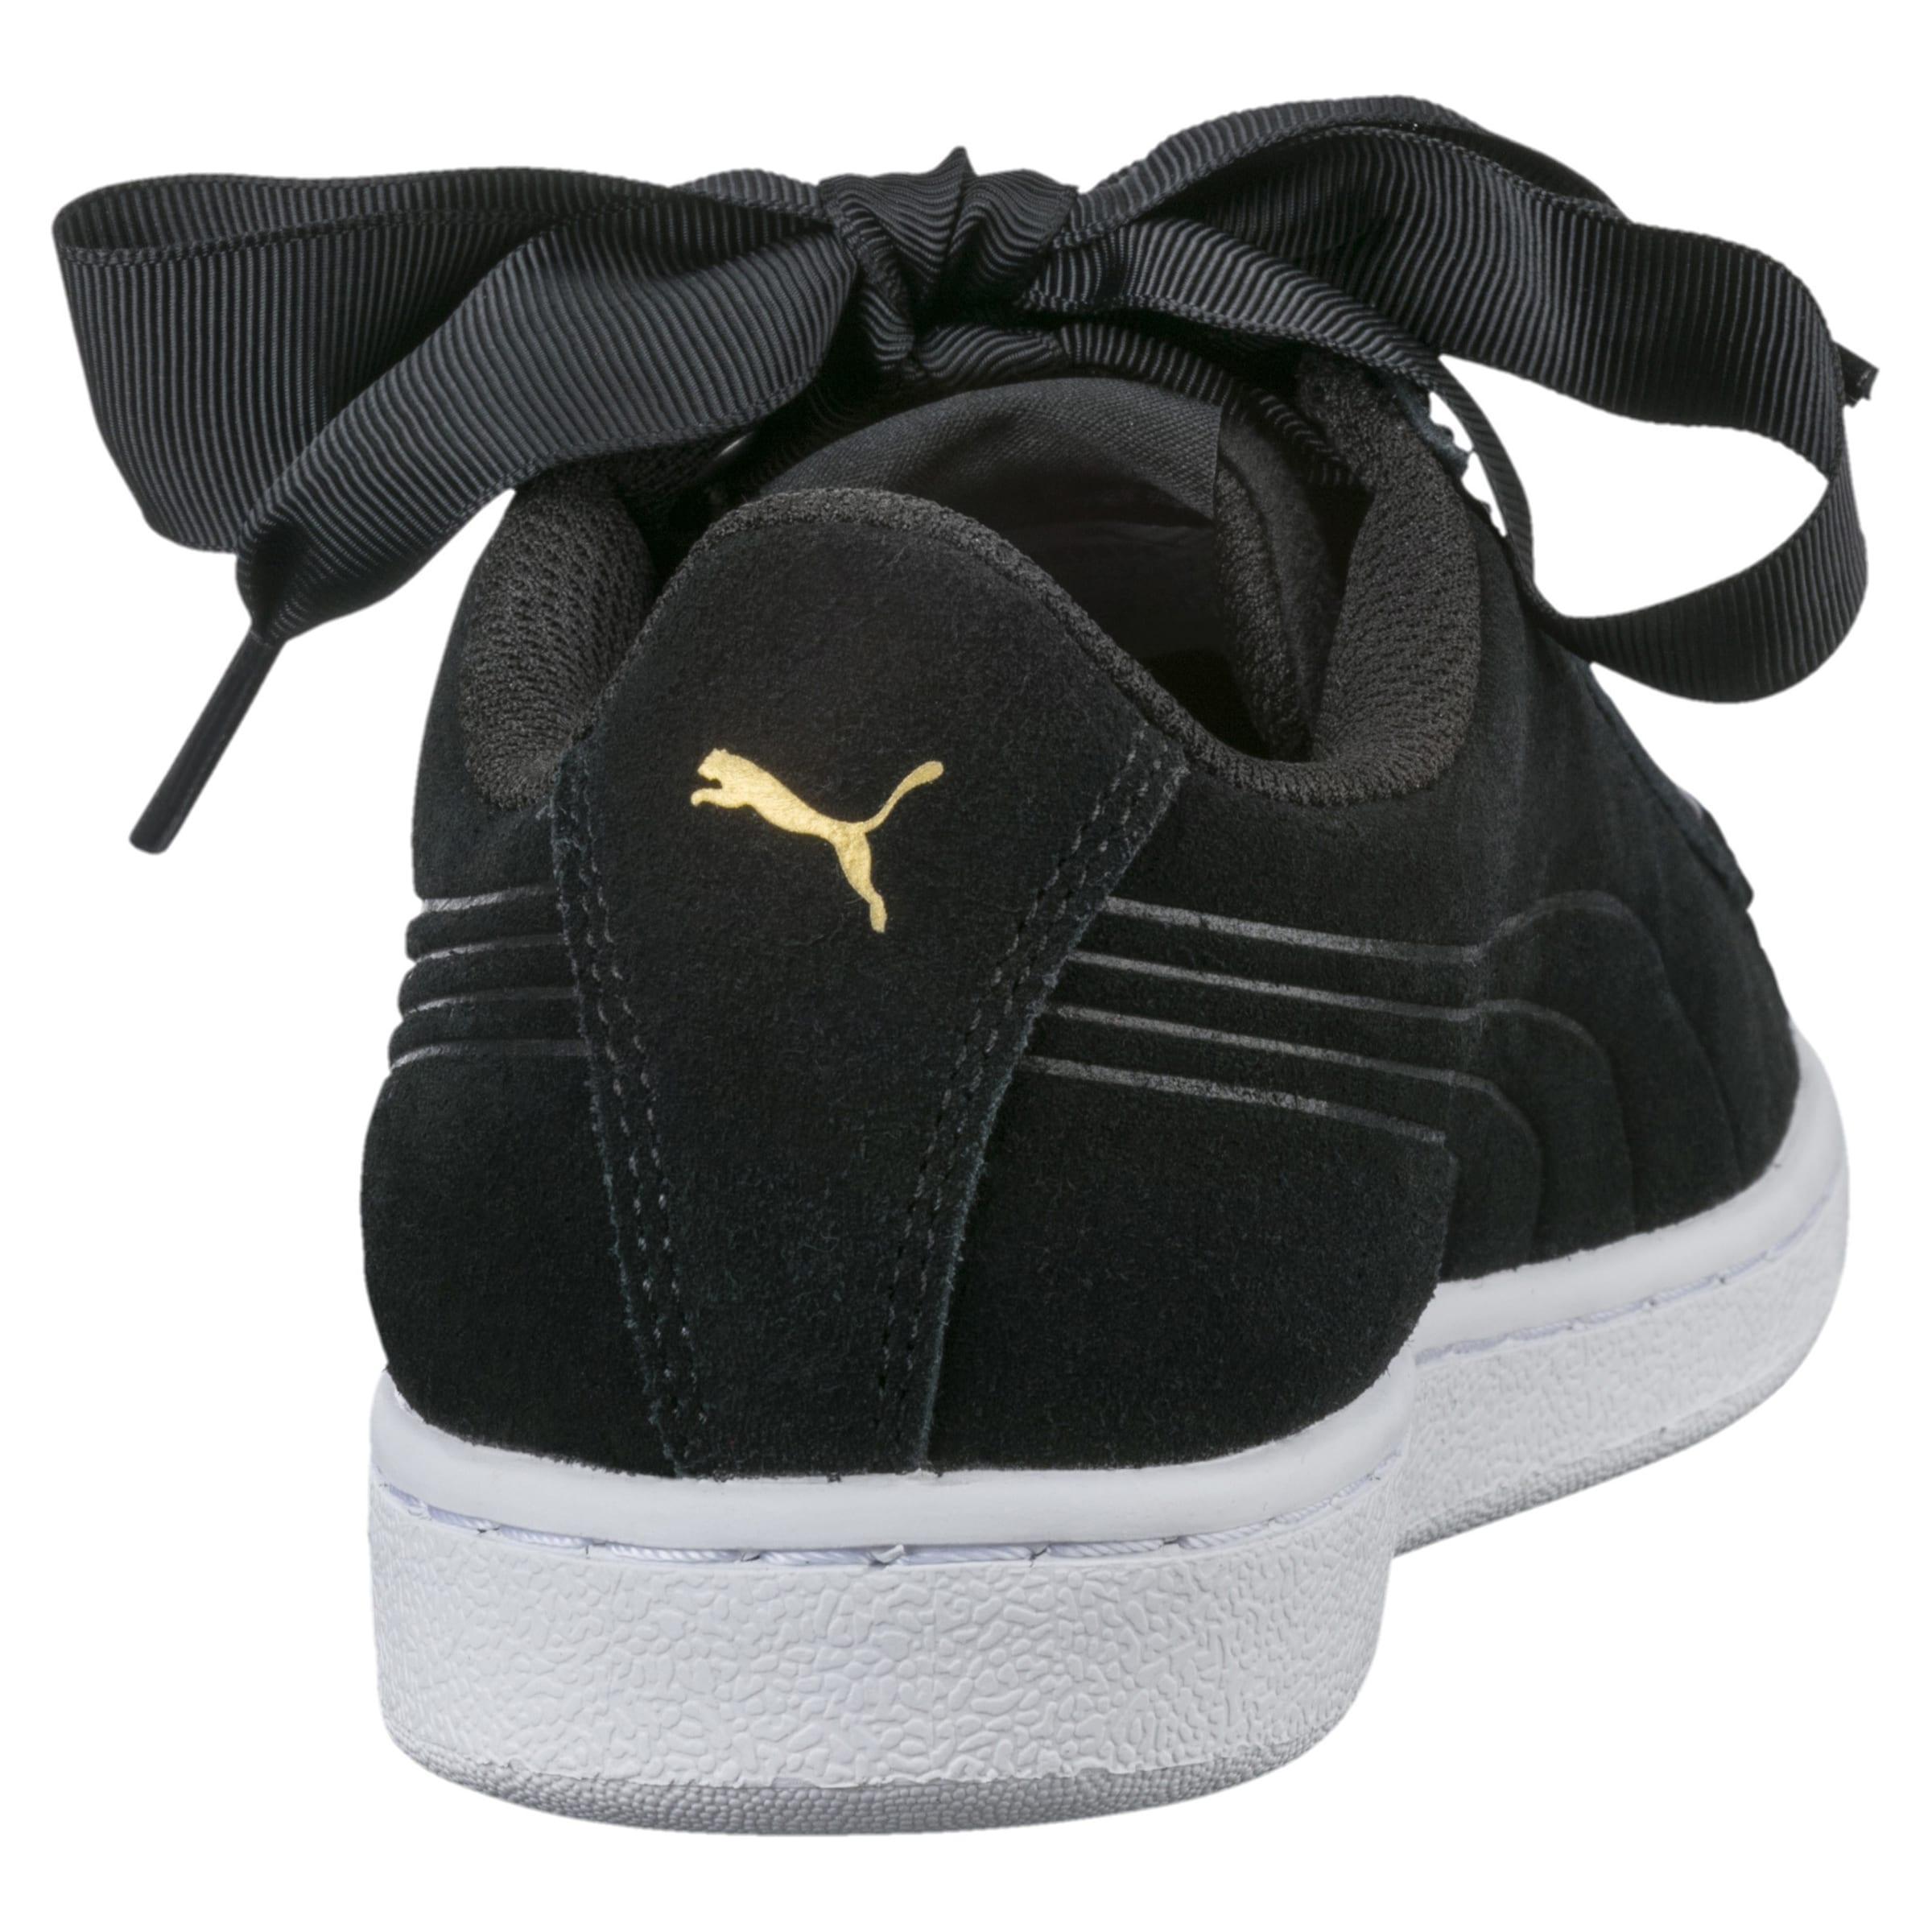 Sneaker Schwarz Puma 'basket Heart Patent' In 9IEDY2WH